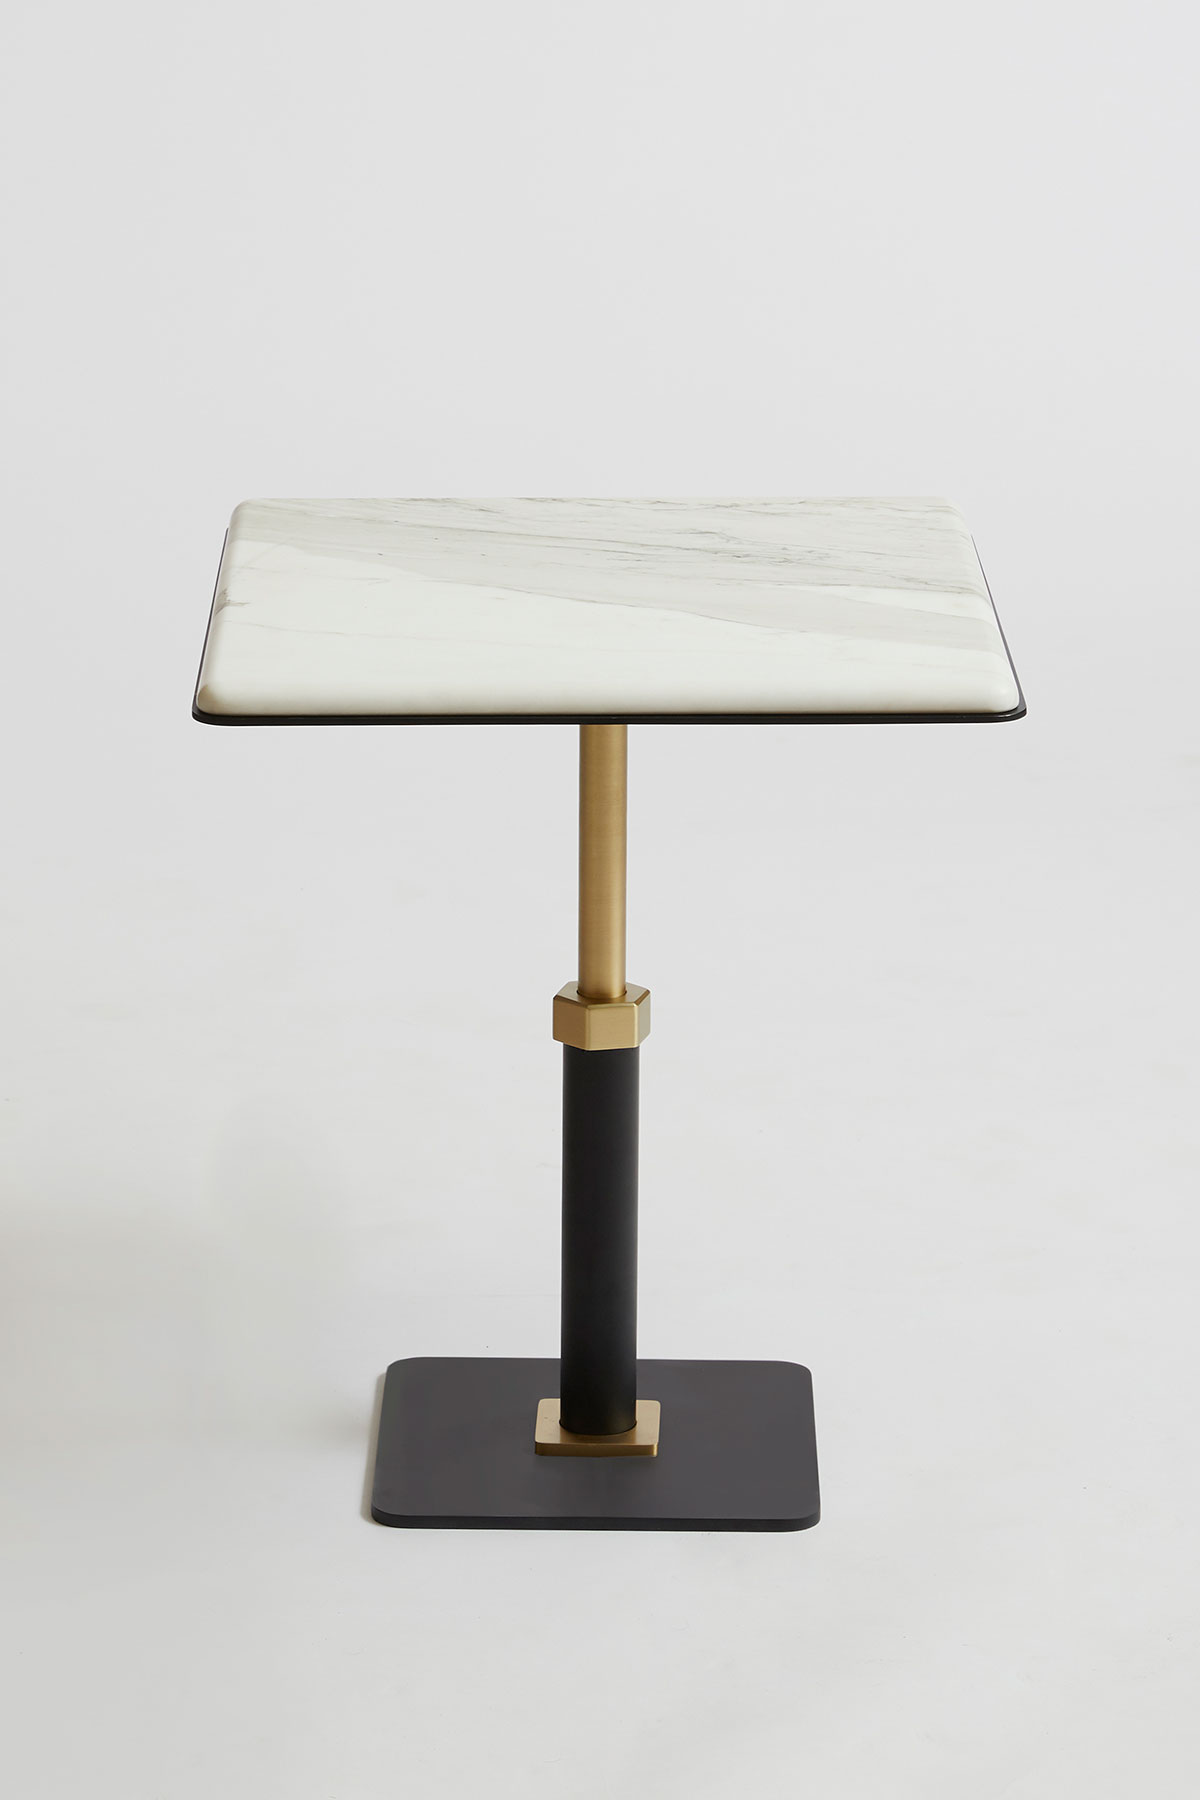 Gabriel scott pedestal2